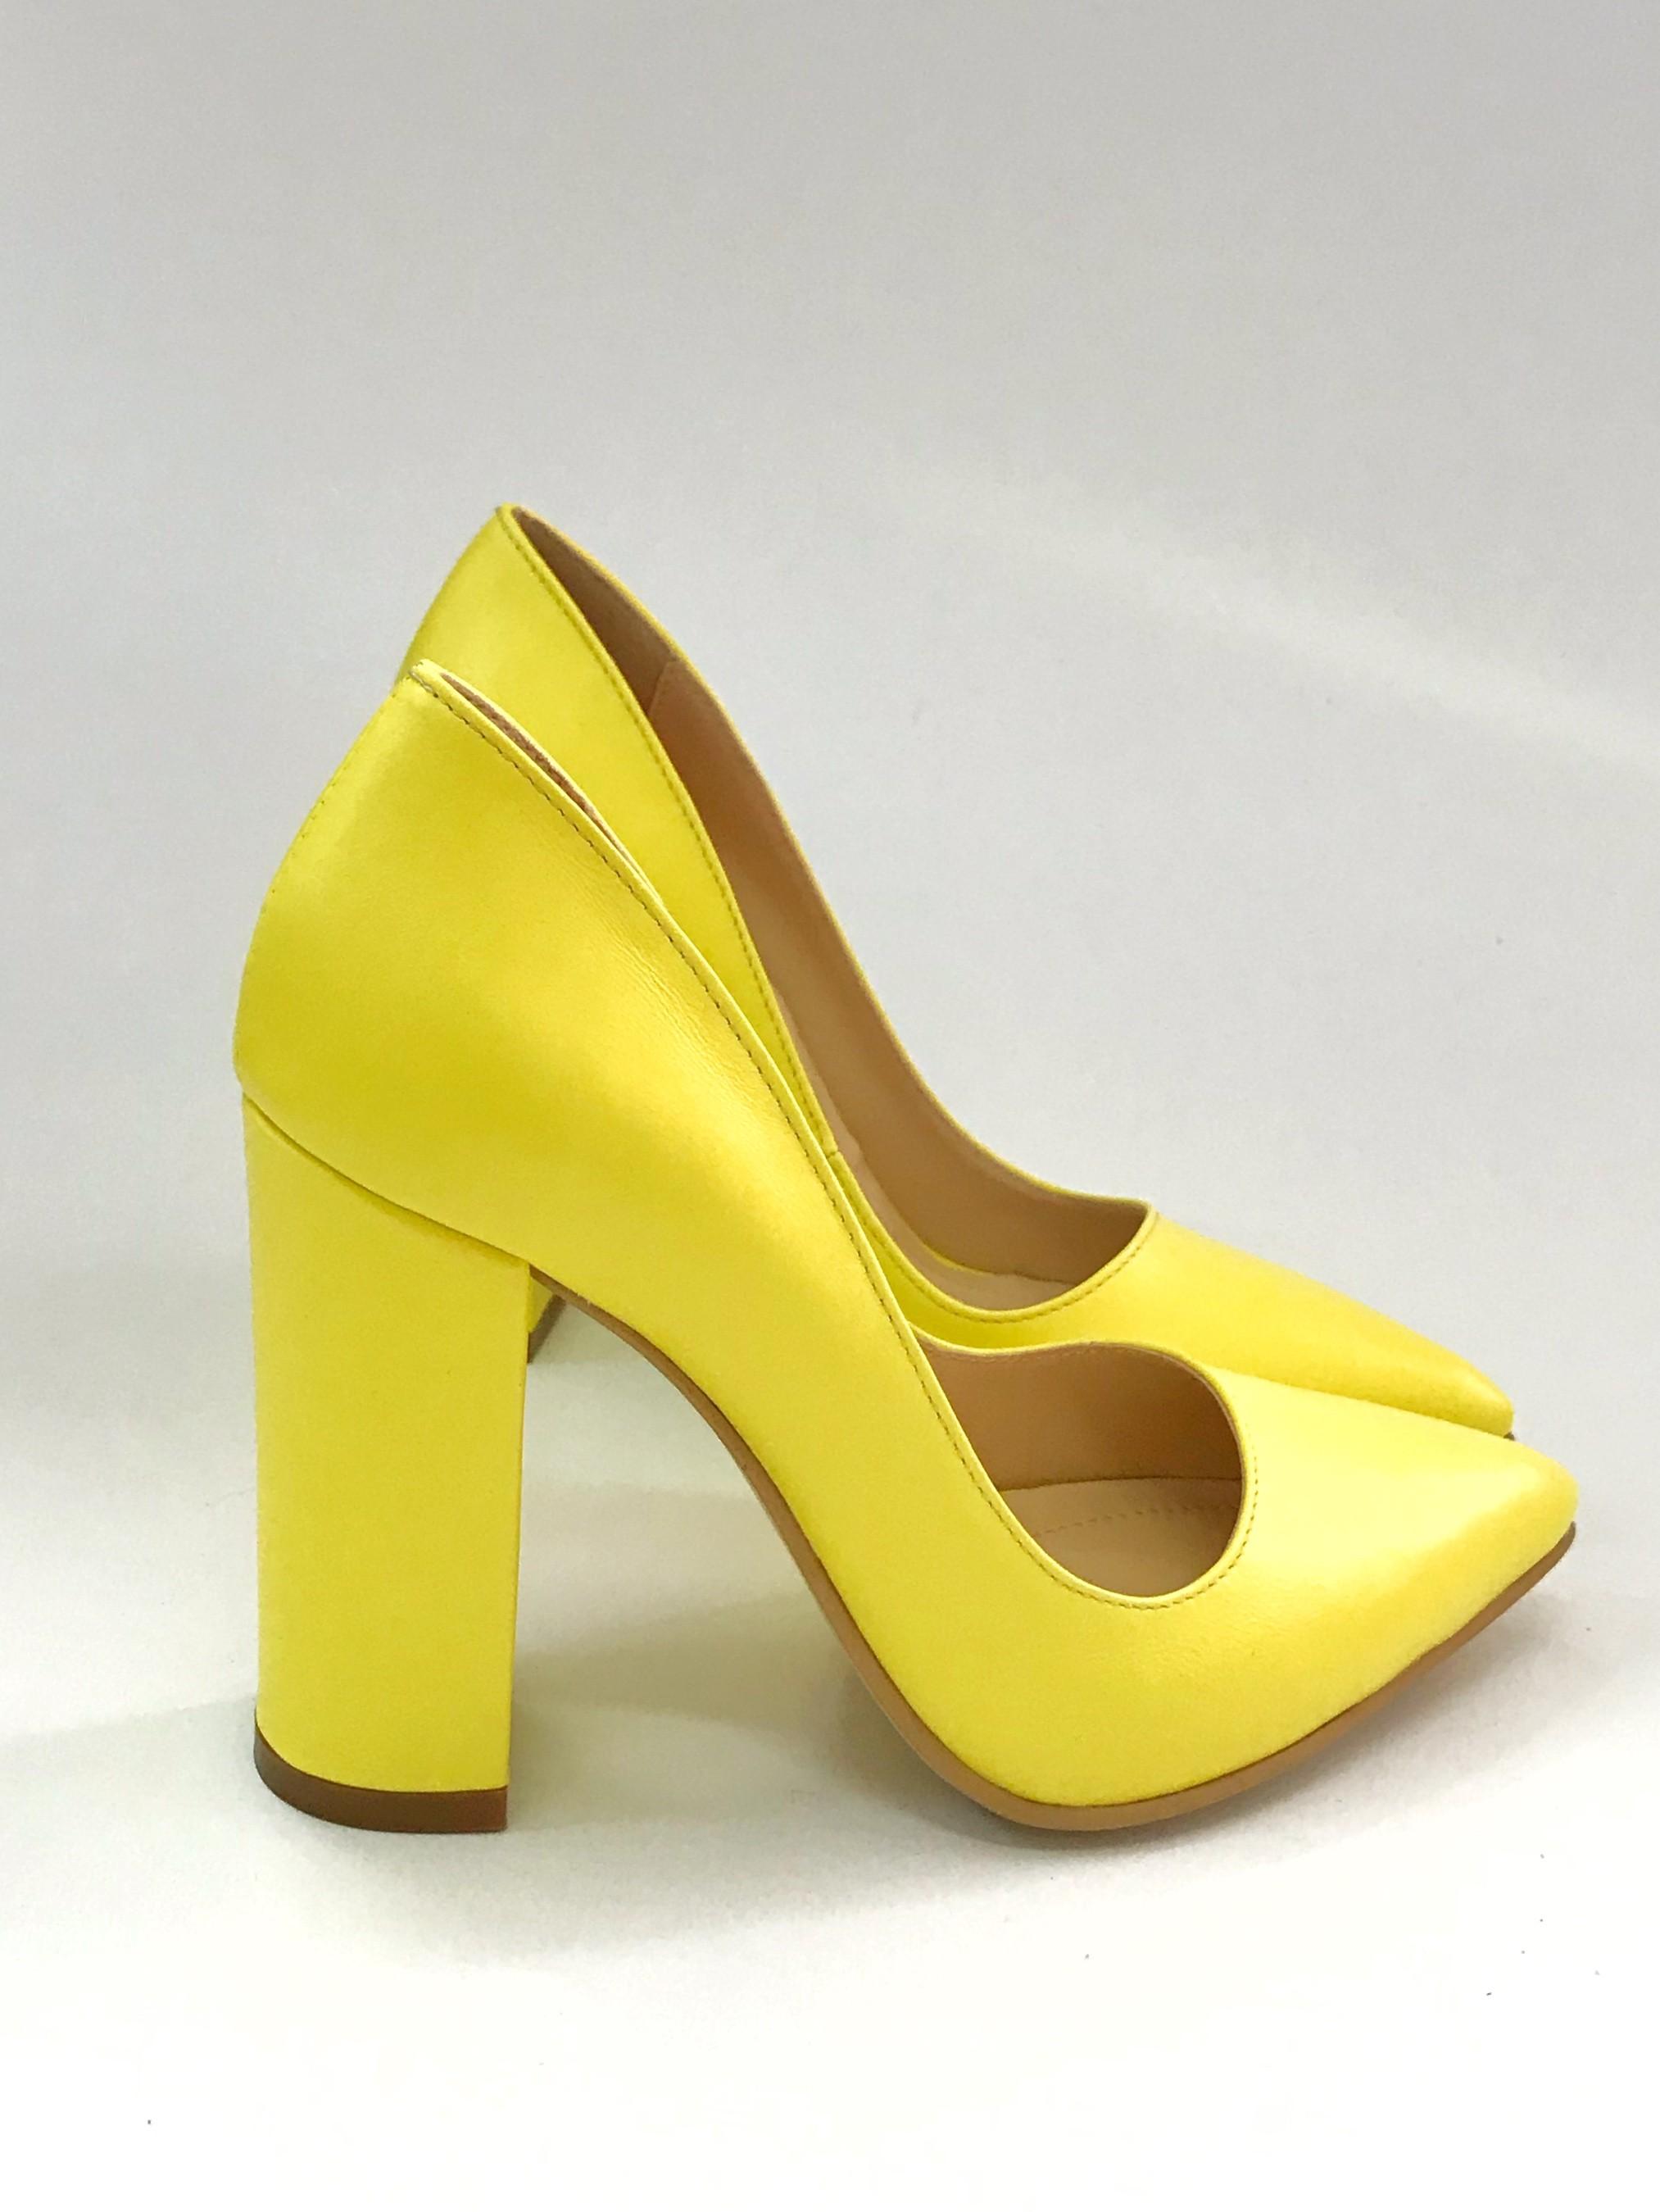 Pantofi Golden Bliss